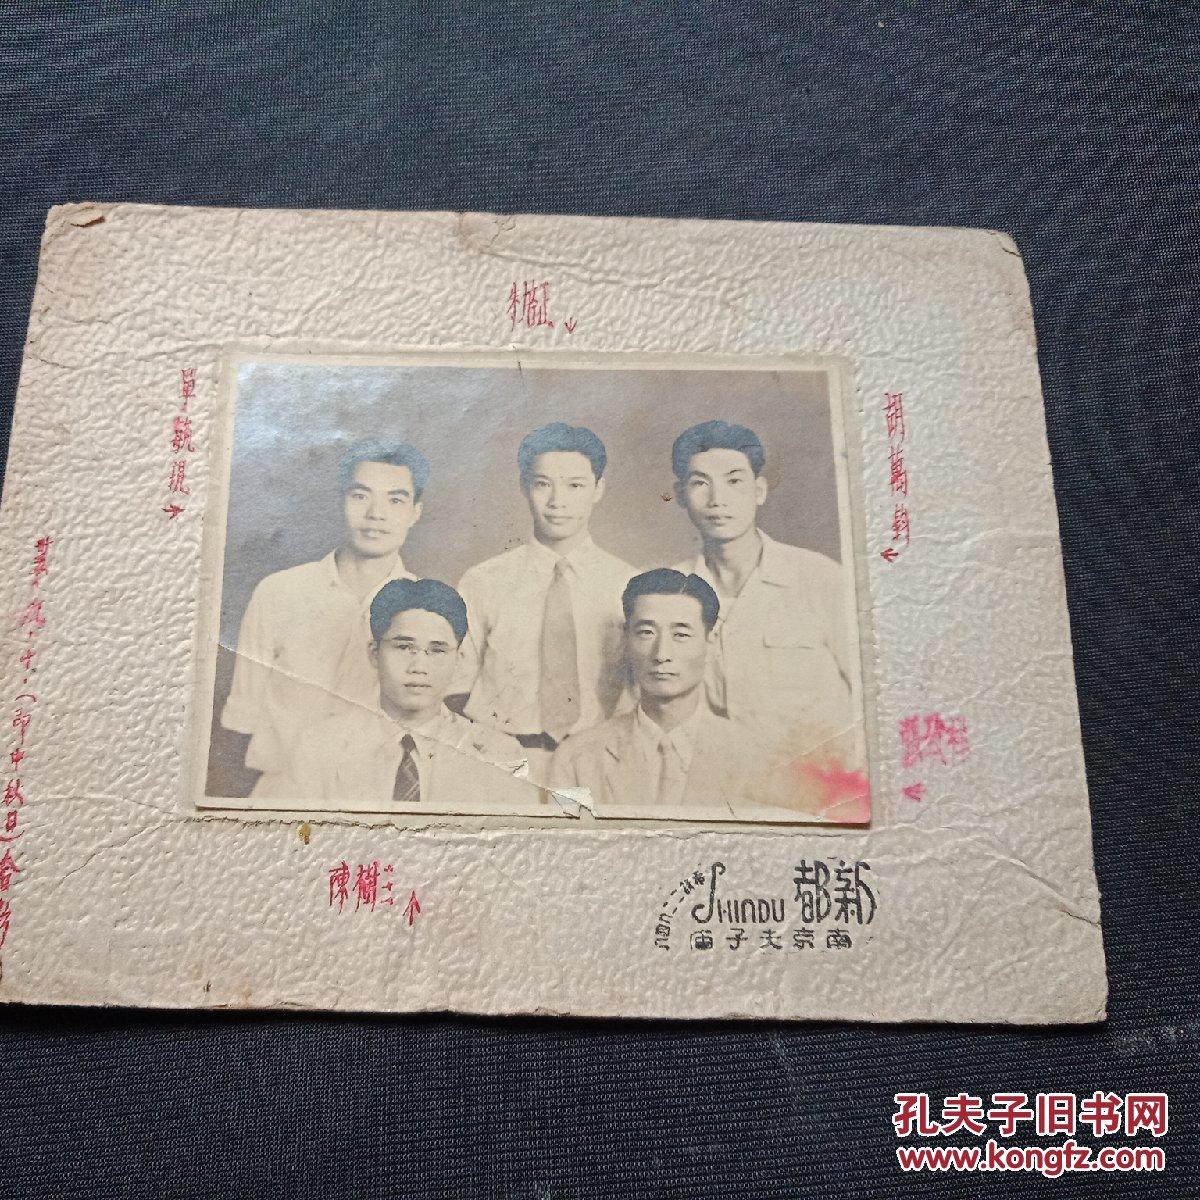 1946年 朱启正 胡万钧 单毓琨 陈树三 张致祥 合